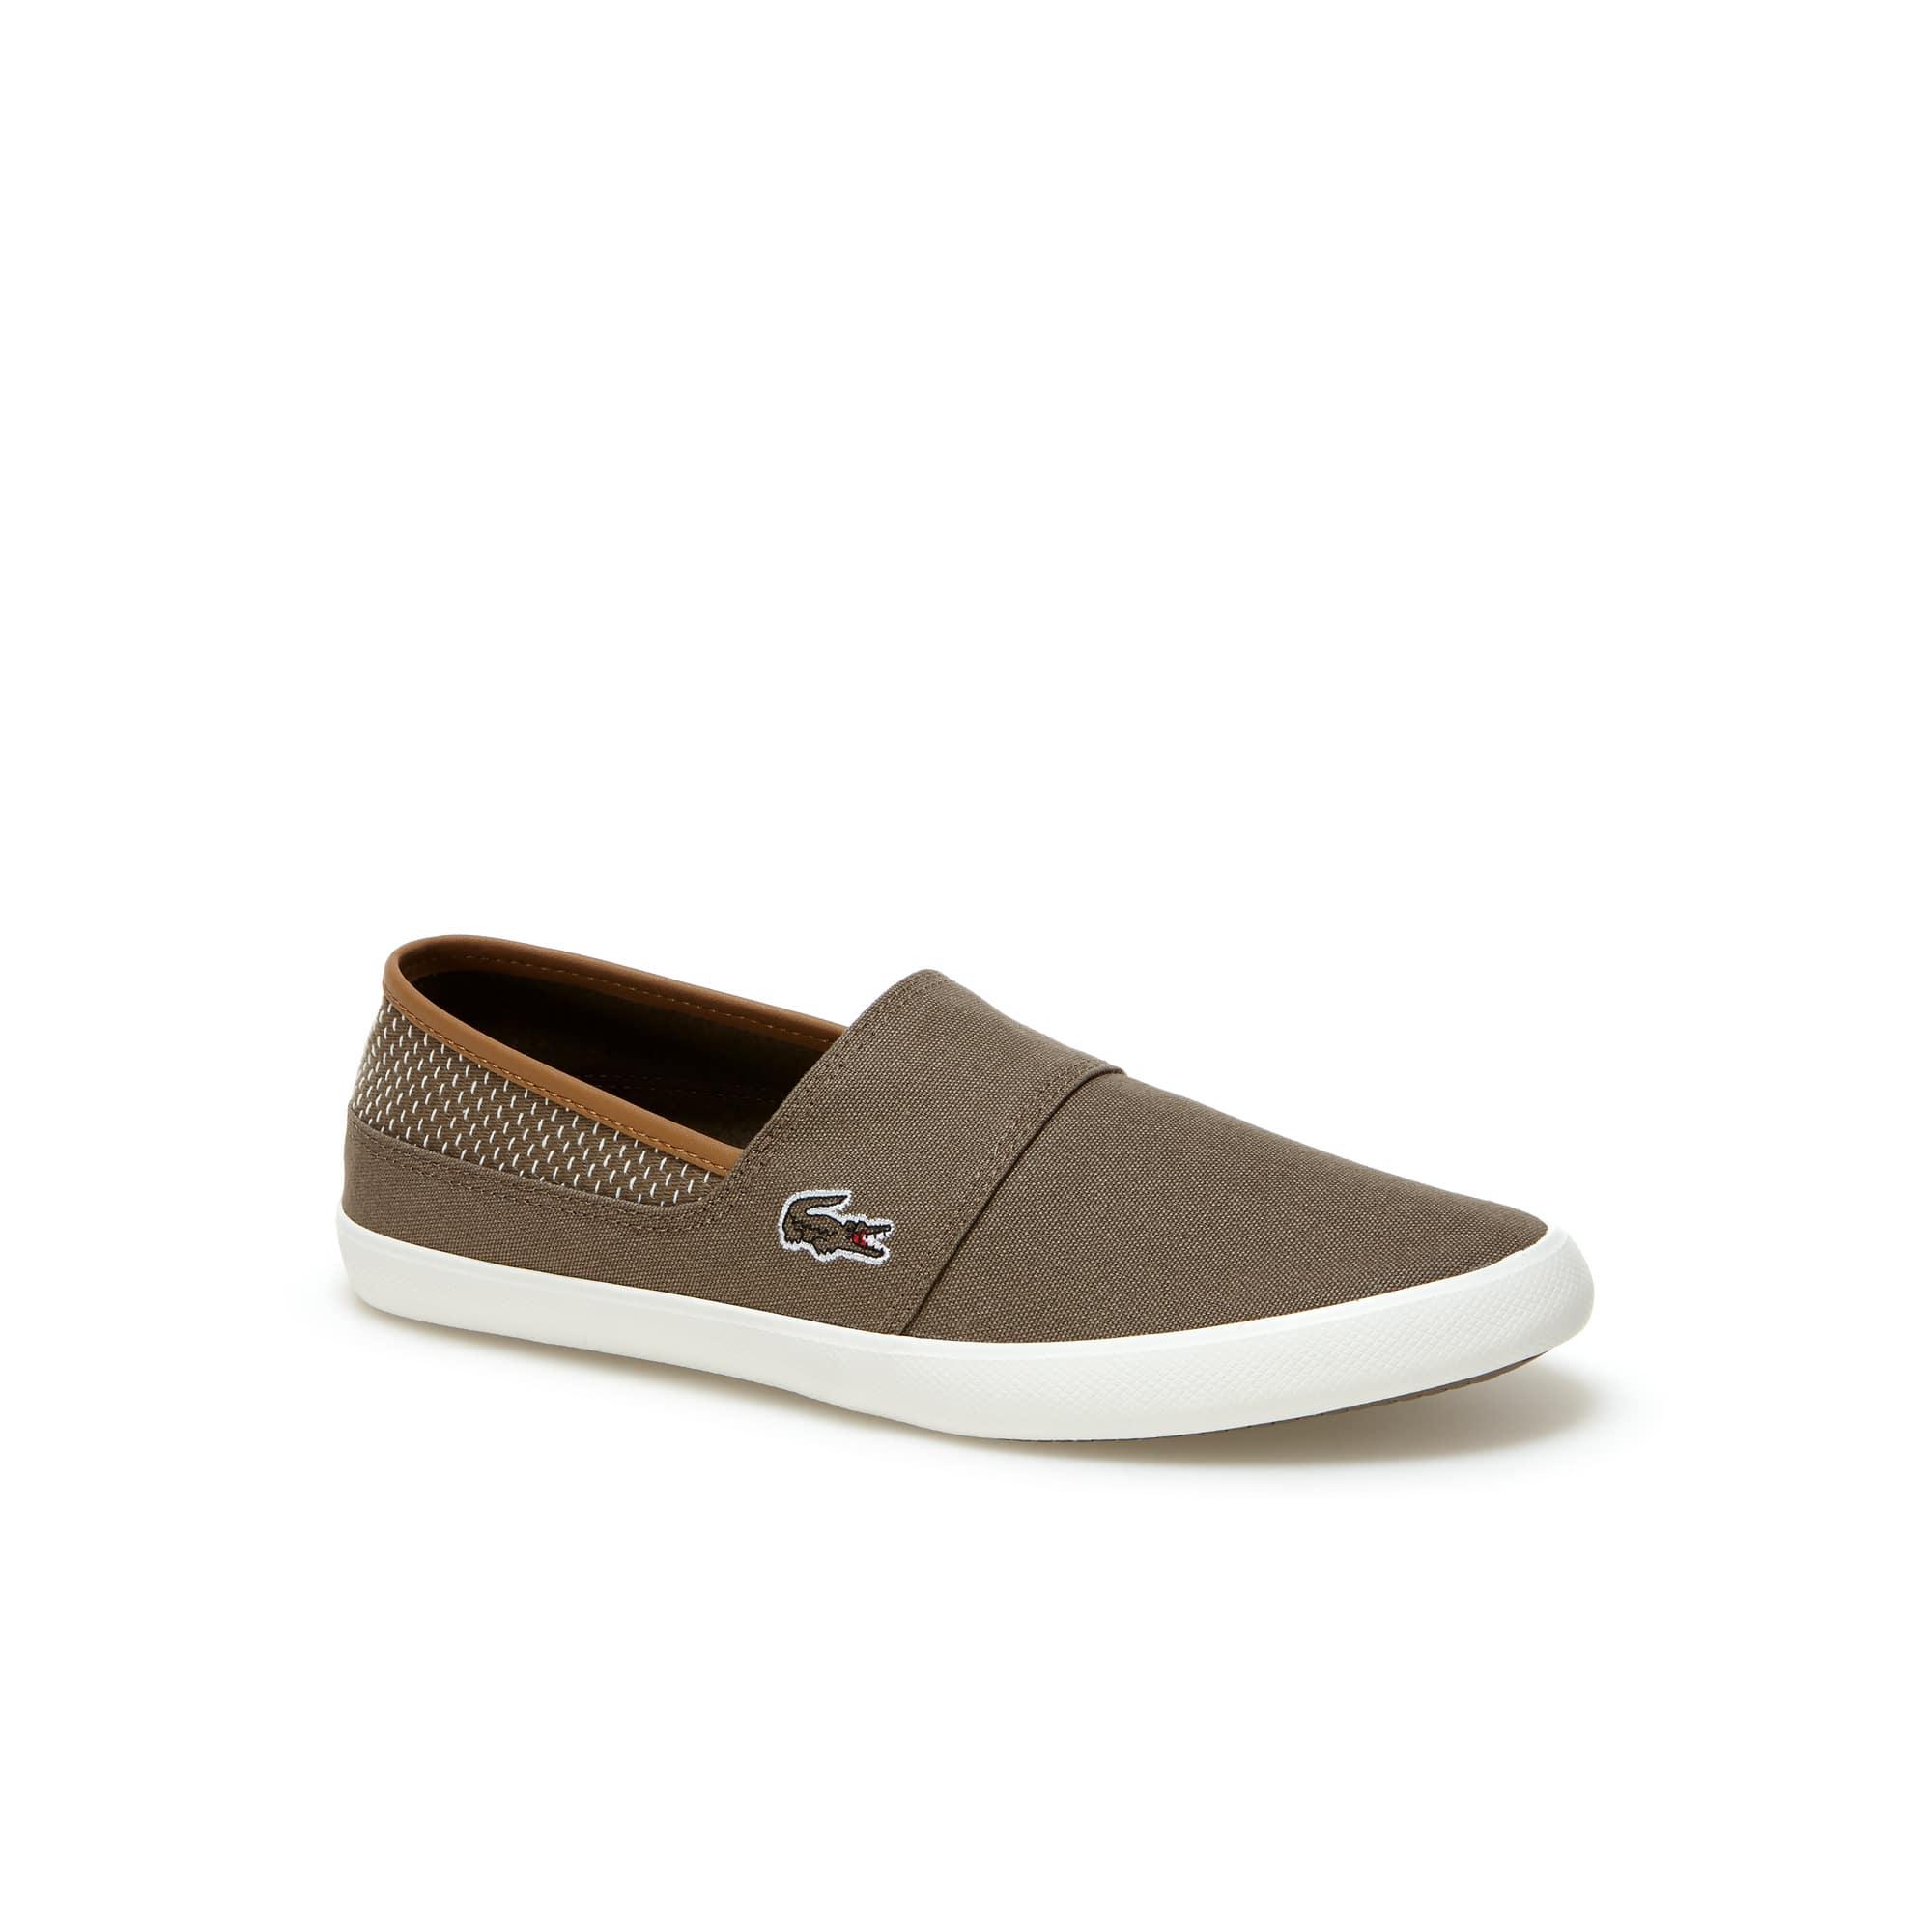 Lacoste shoes - Shop online all Lacoste shoes   LACOSTE 224b2c1a648